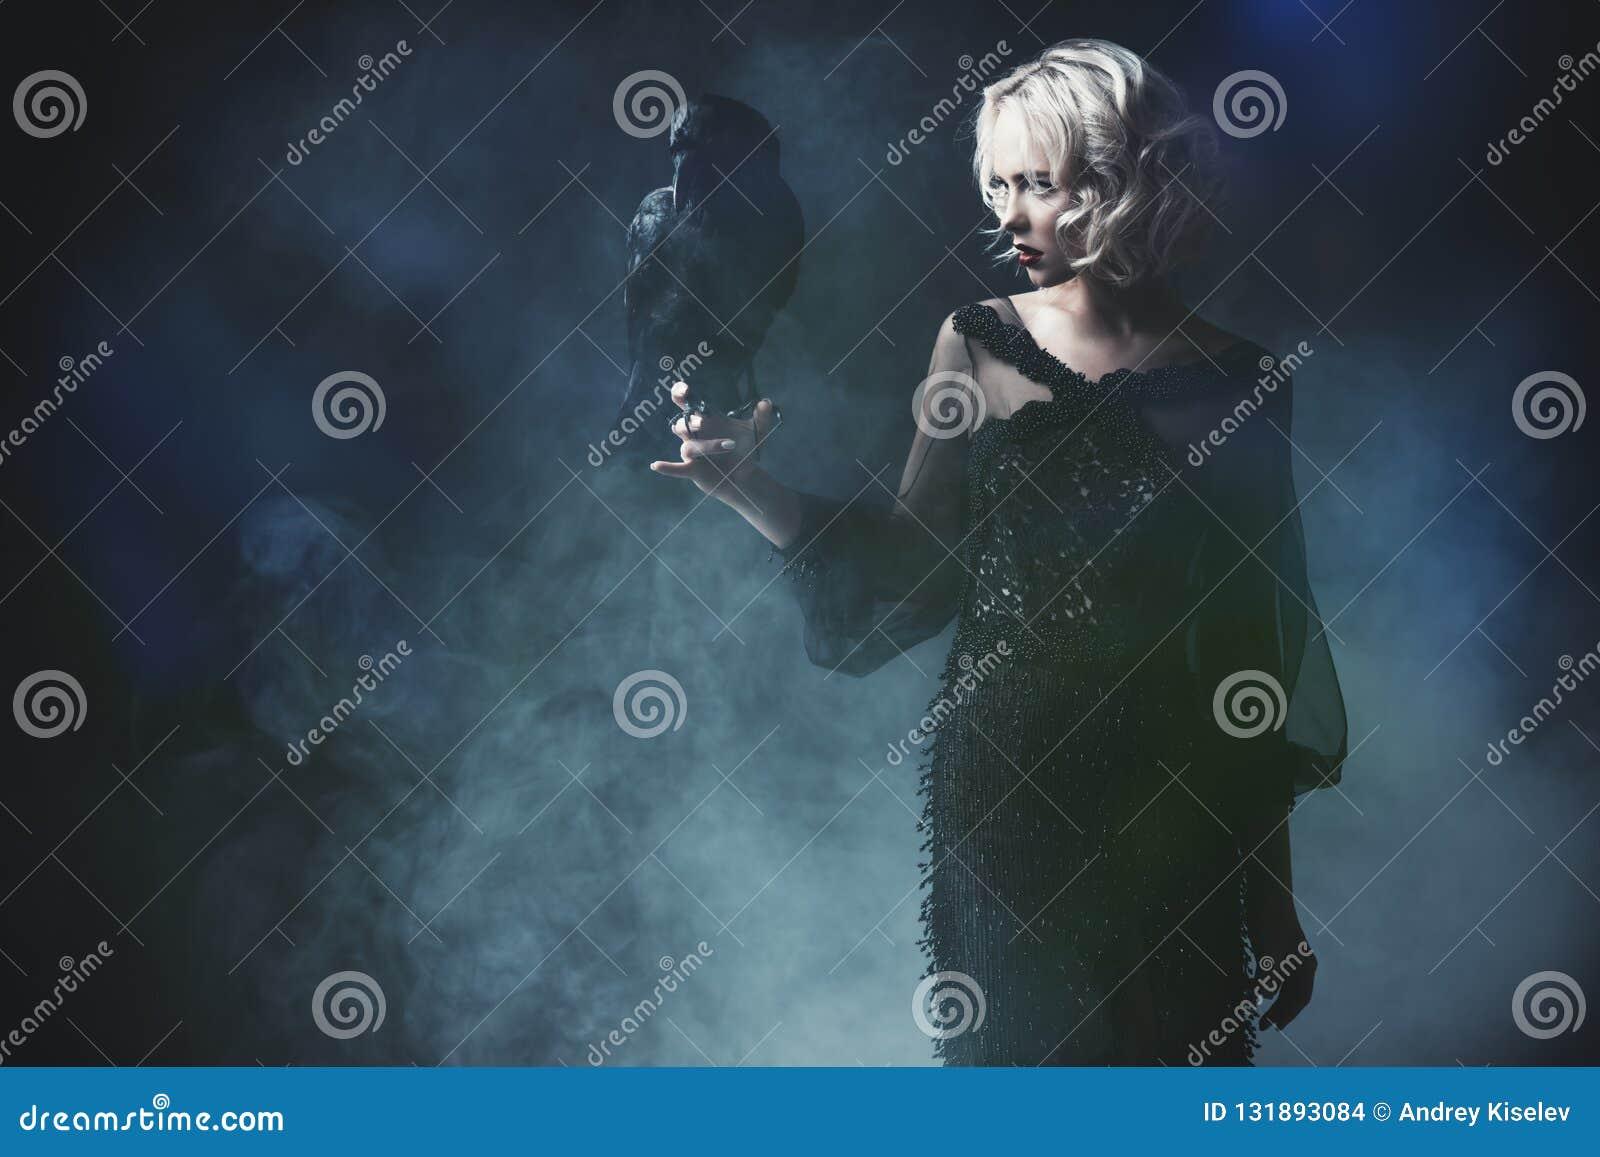 Holding black raven